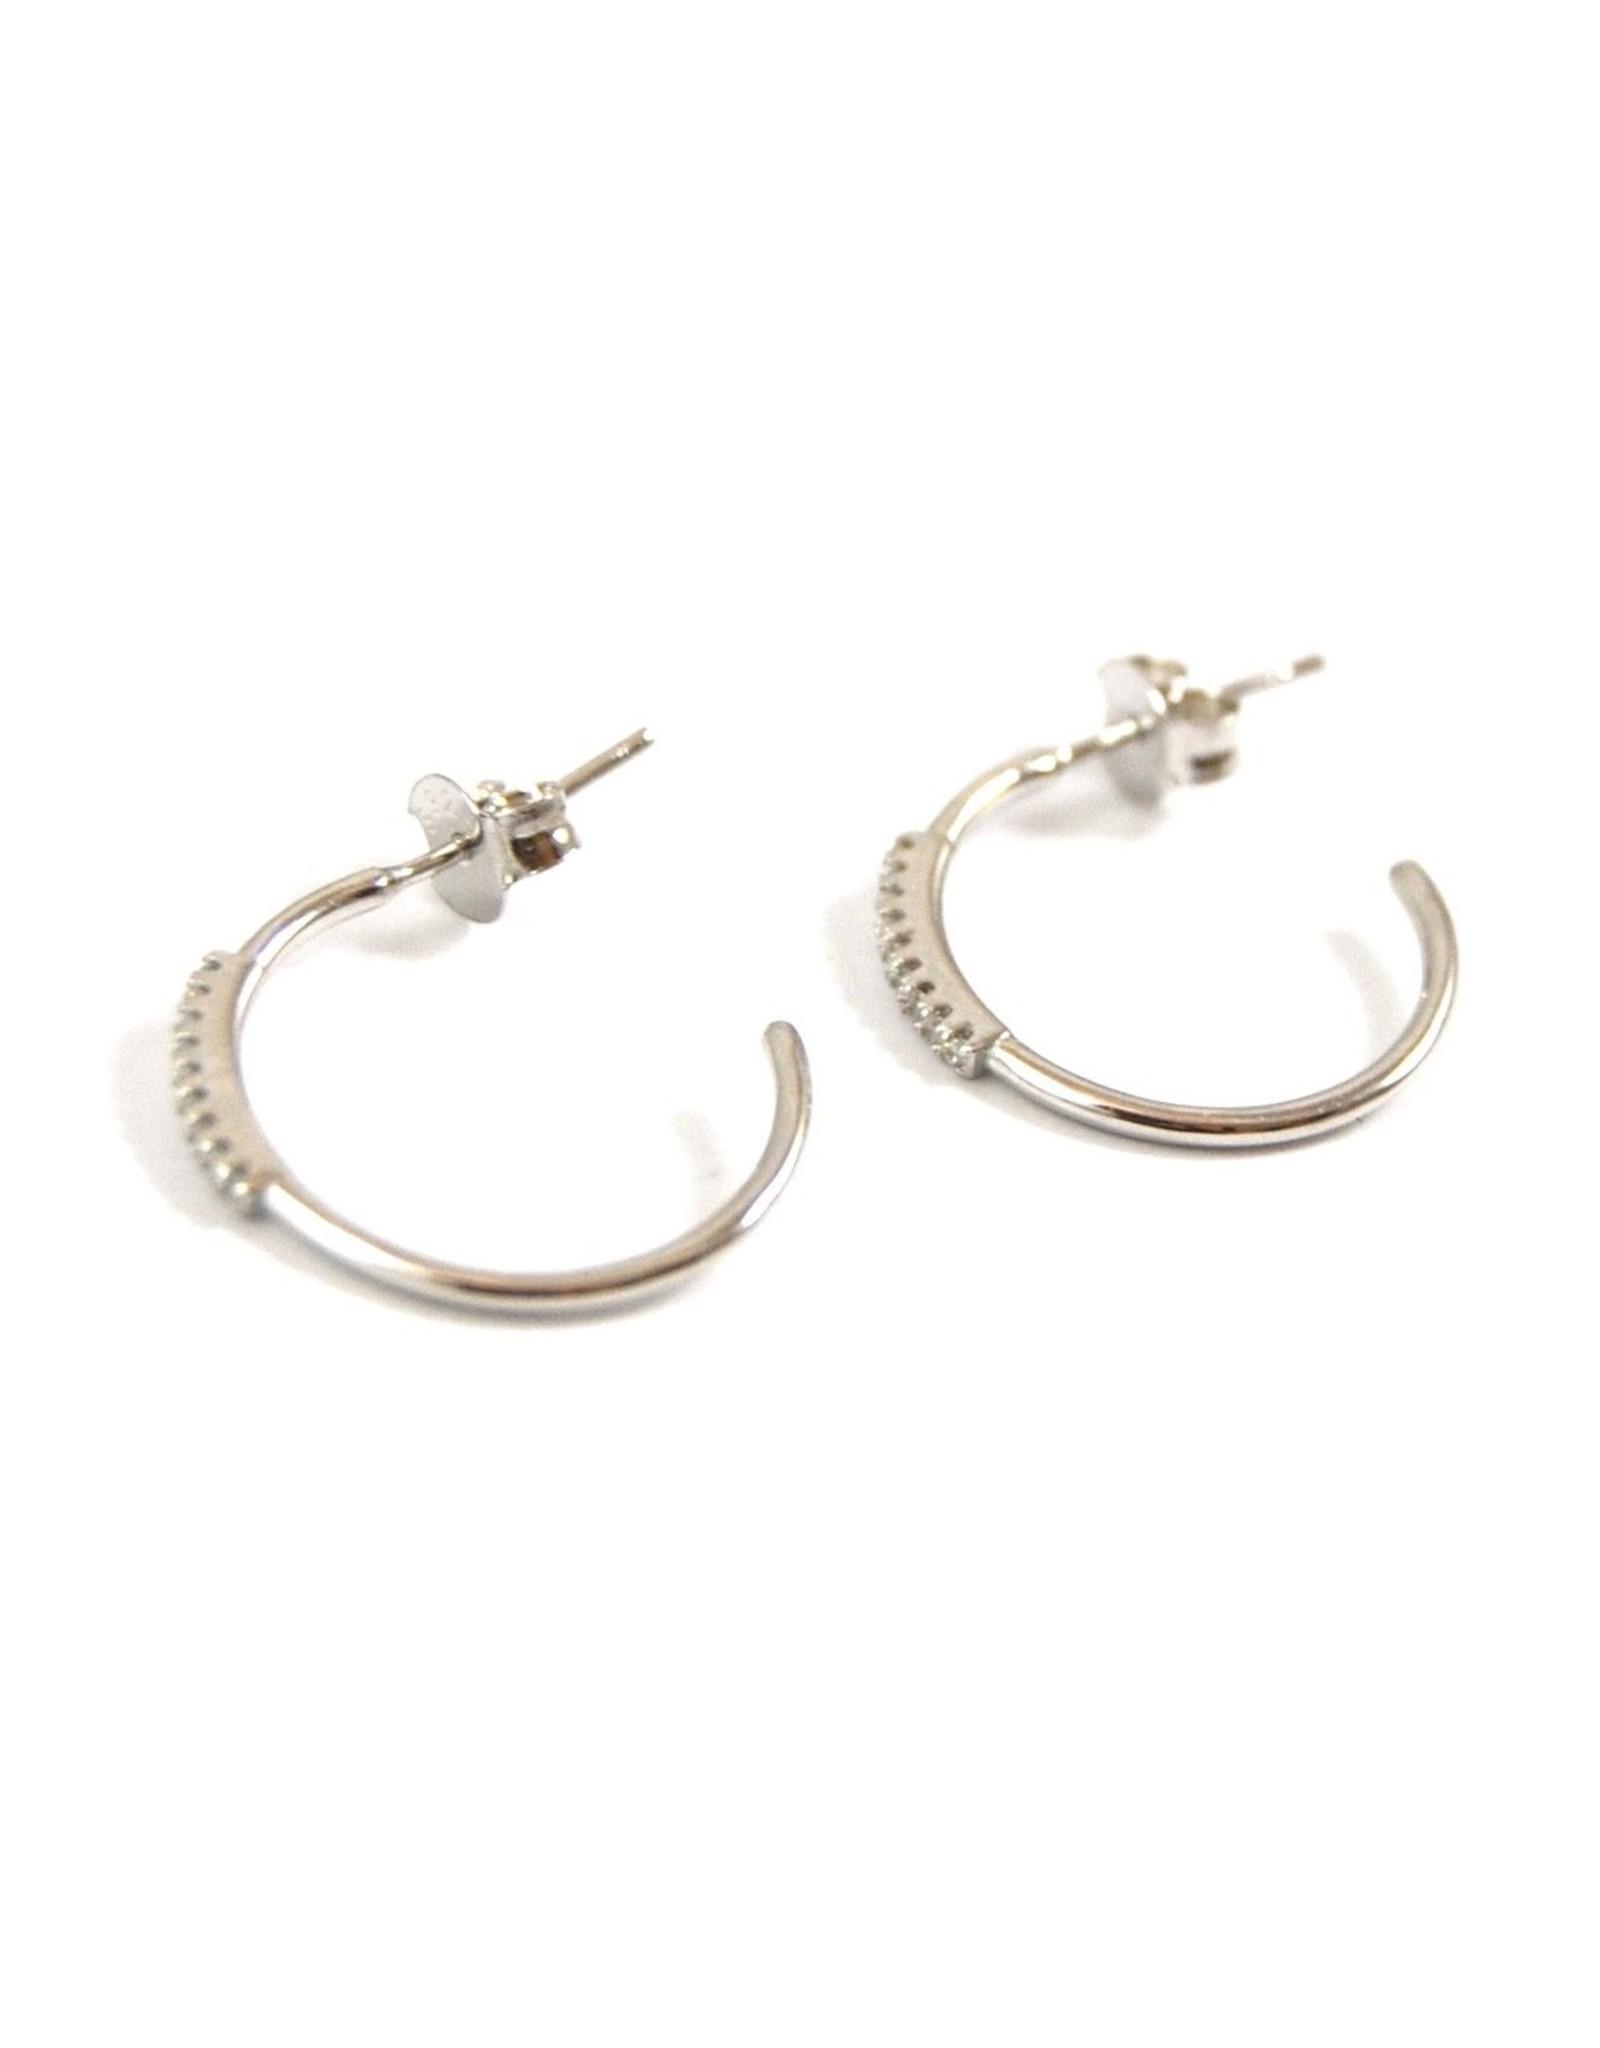 f.y.b. f.y.b. - Earrings Coco Huggie Silver